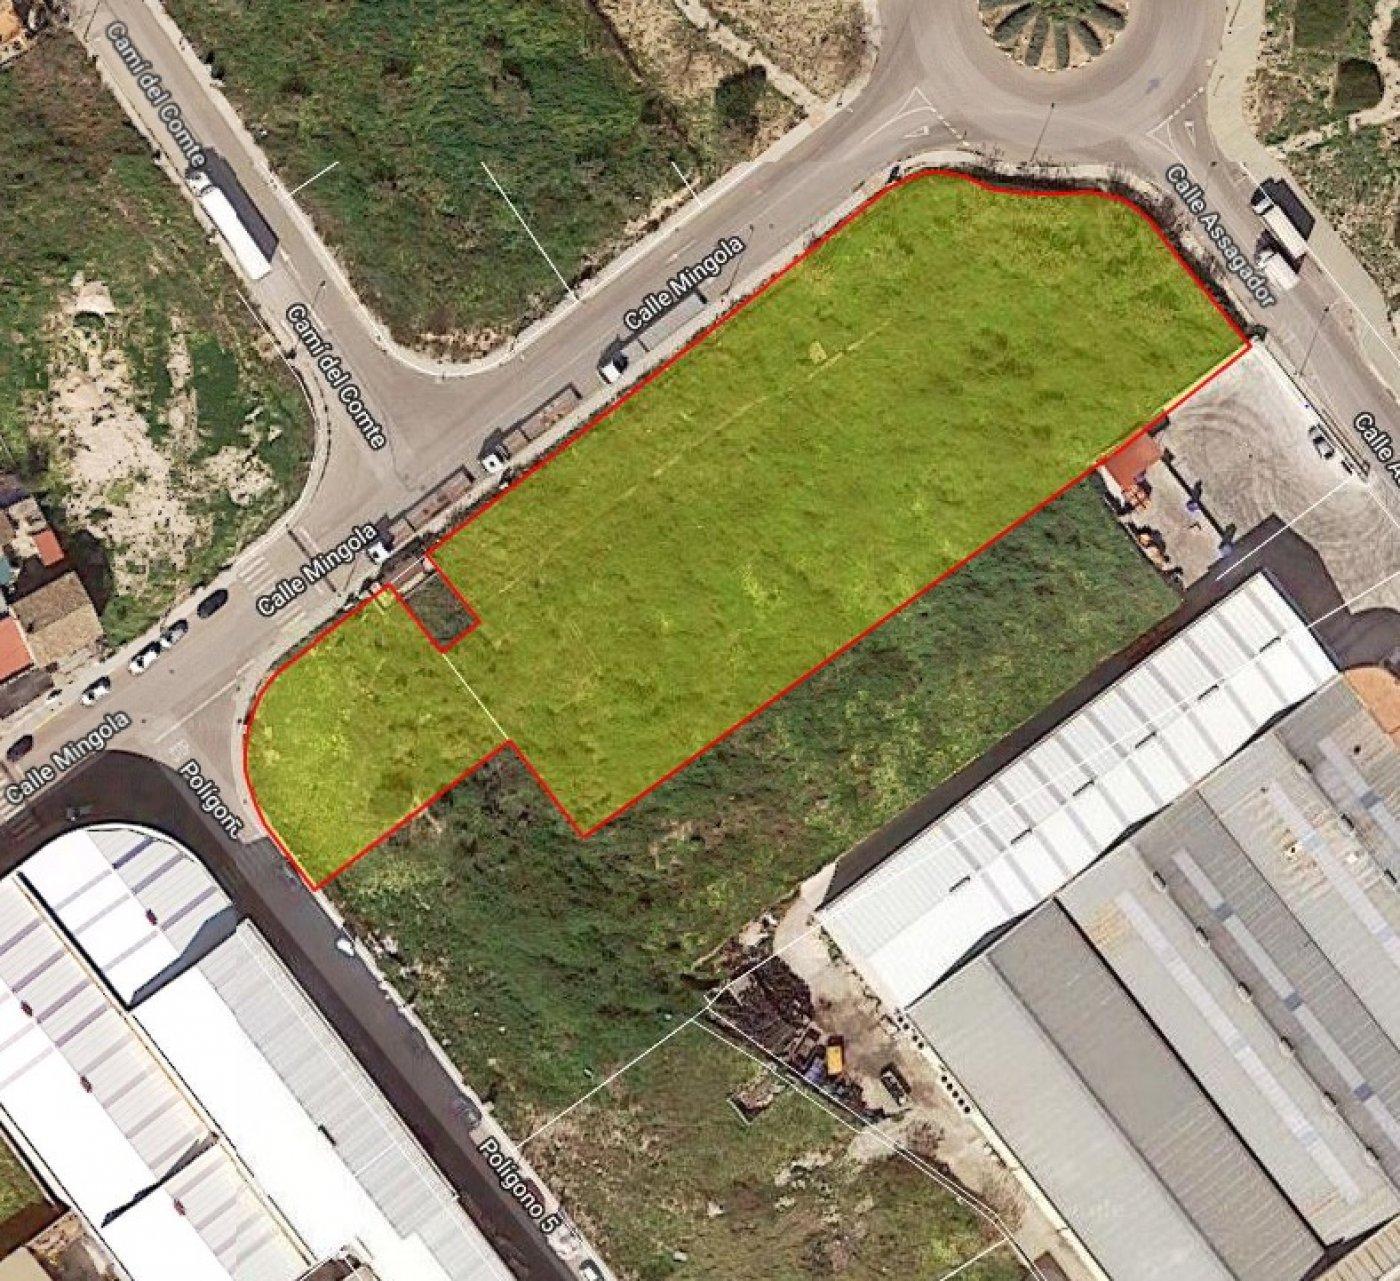 Solar urbano  Daimus ,poligono industrial. Solar de gran superficie sito en daimúz